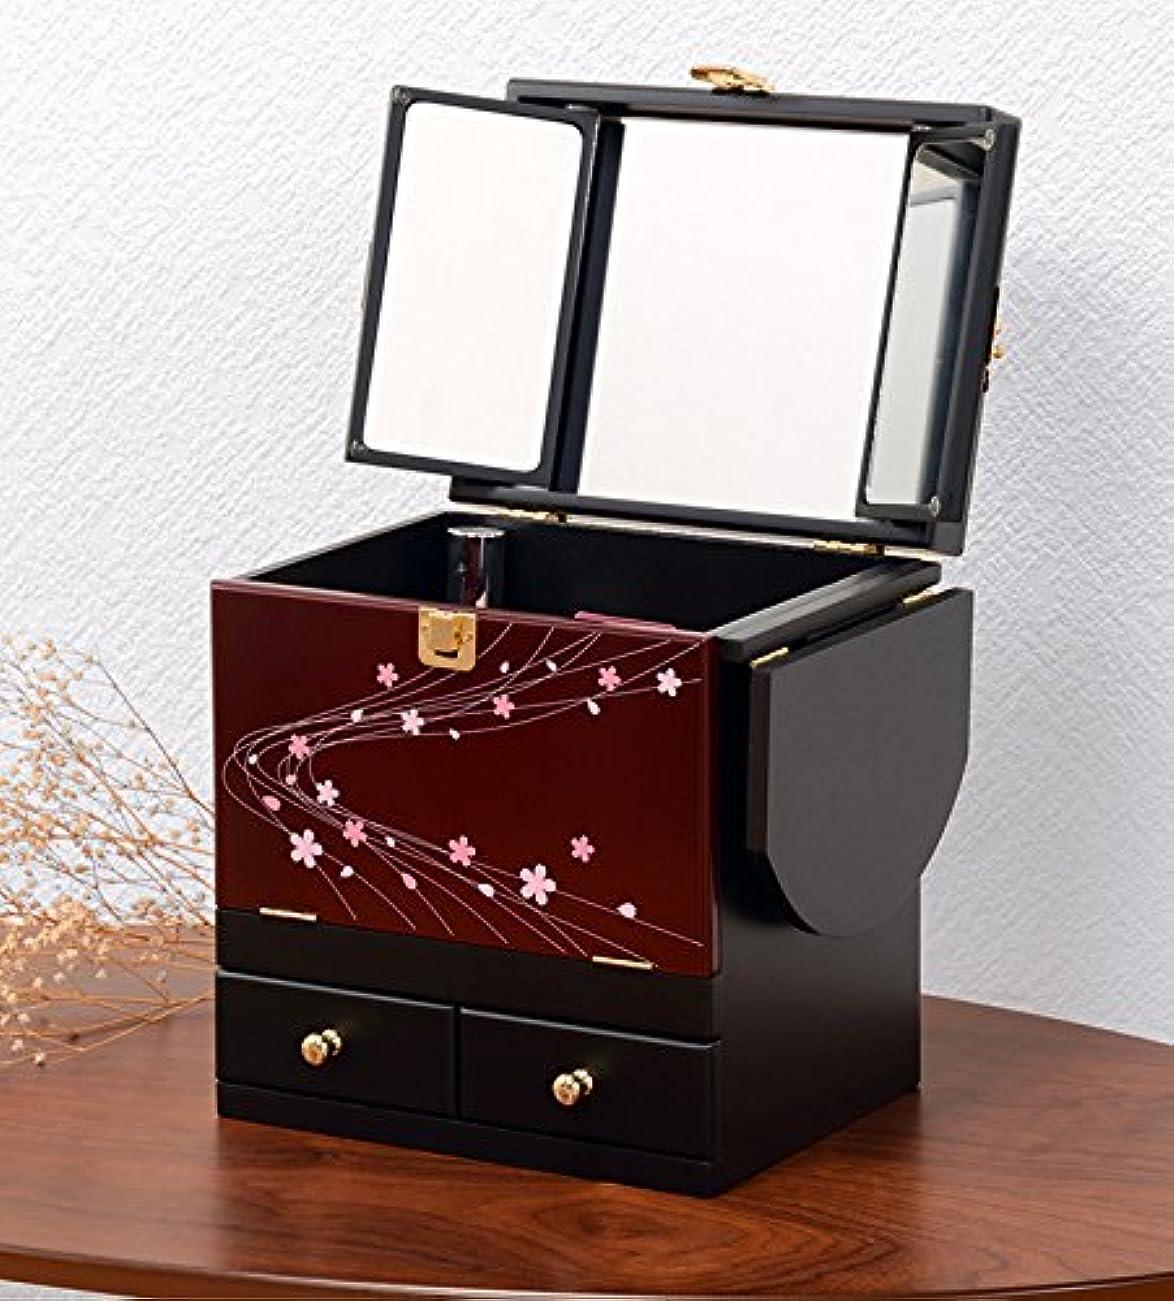 豊富弾丸地味なコスメボックス 化粧ボックス ジュエリーボックス コスメ収納 収納ボックス 化粧台 3面鏡 和風 完成品 折りたたみ式 軽量 えんじ